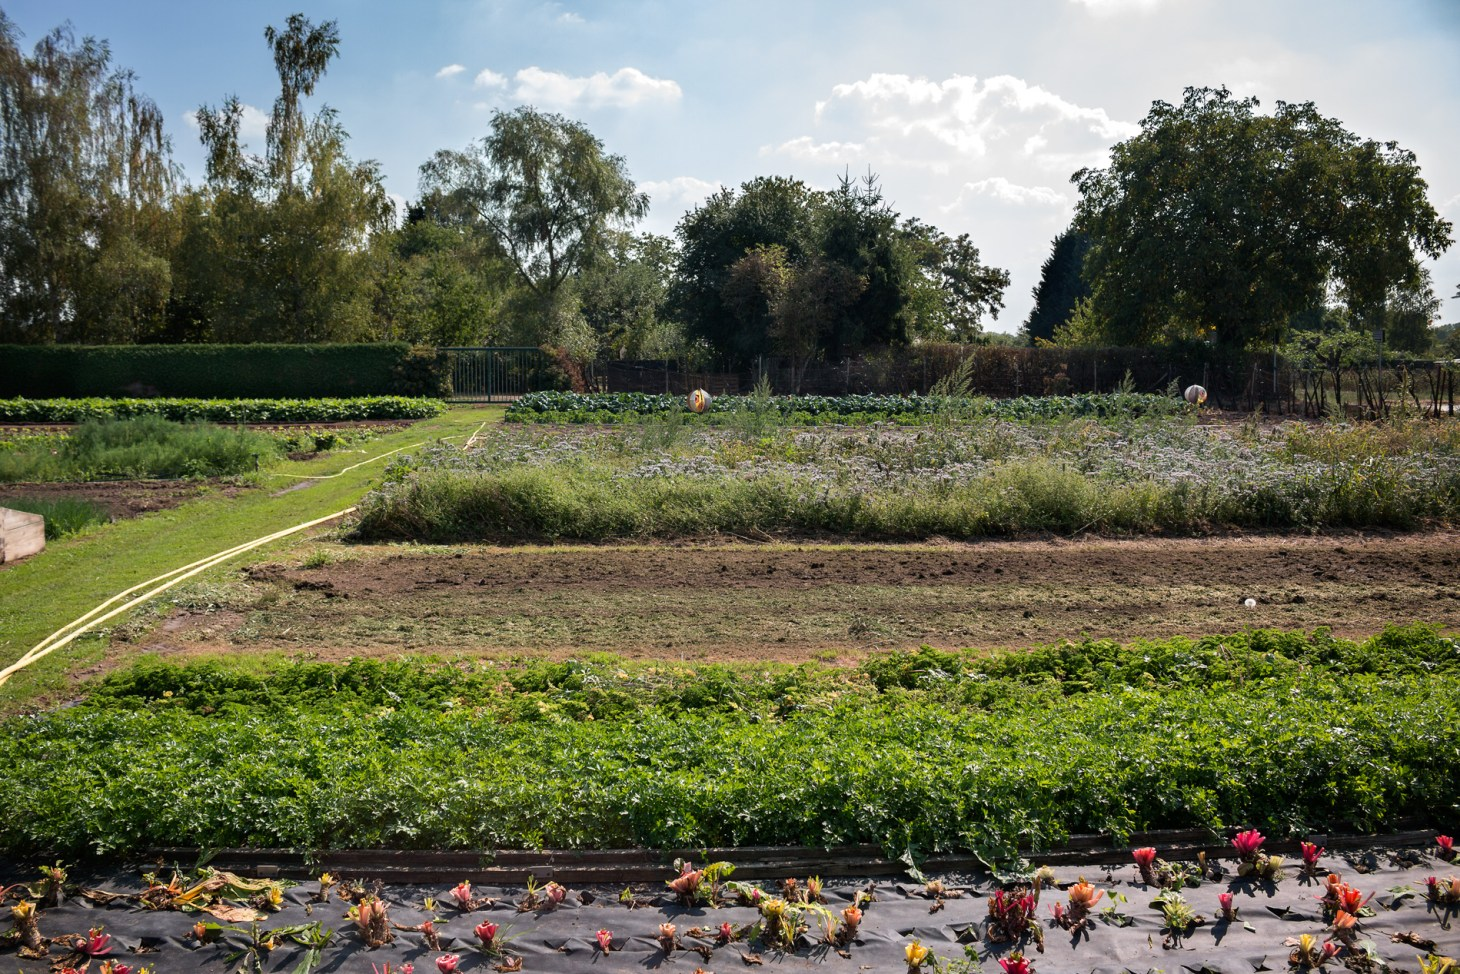 Freilandfelder mit Kräutern im September